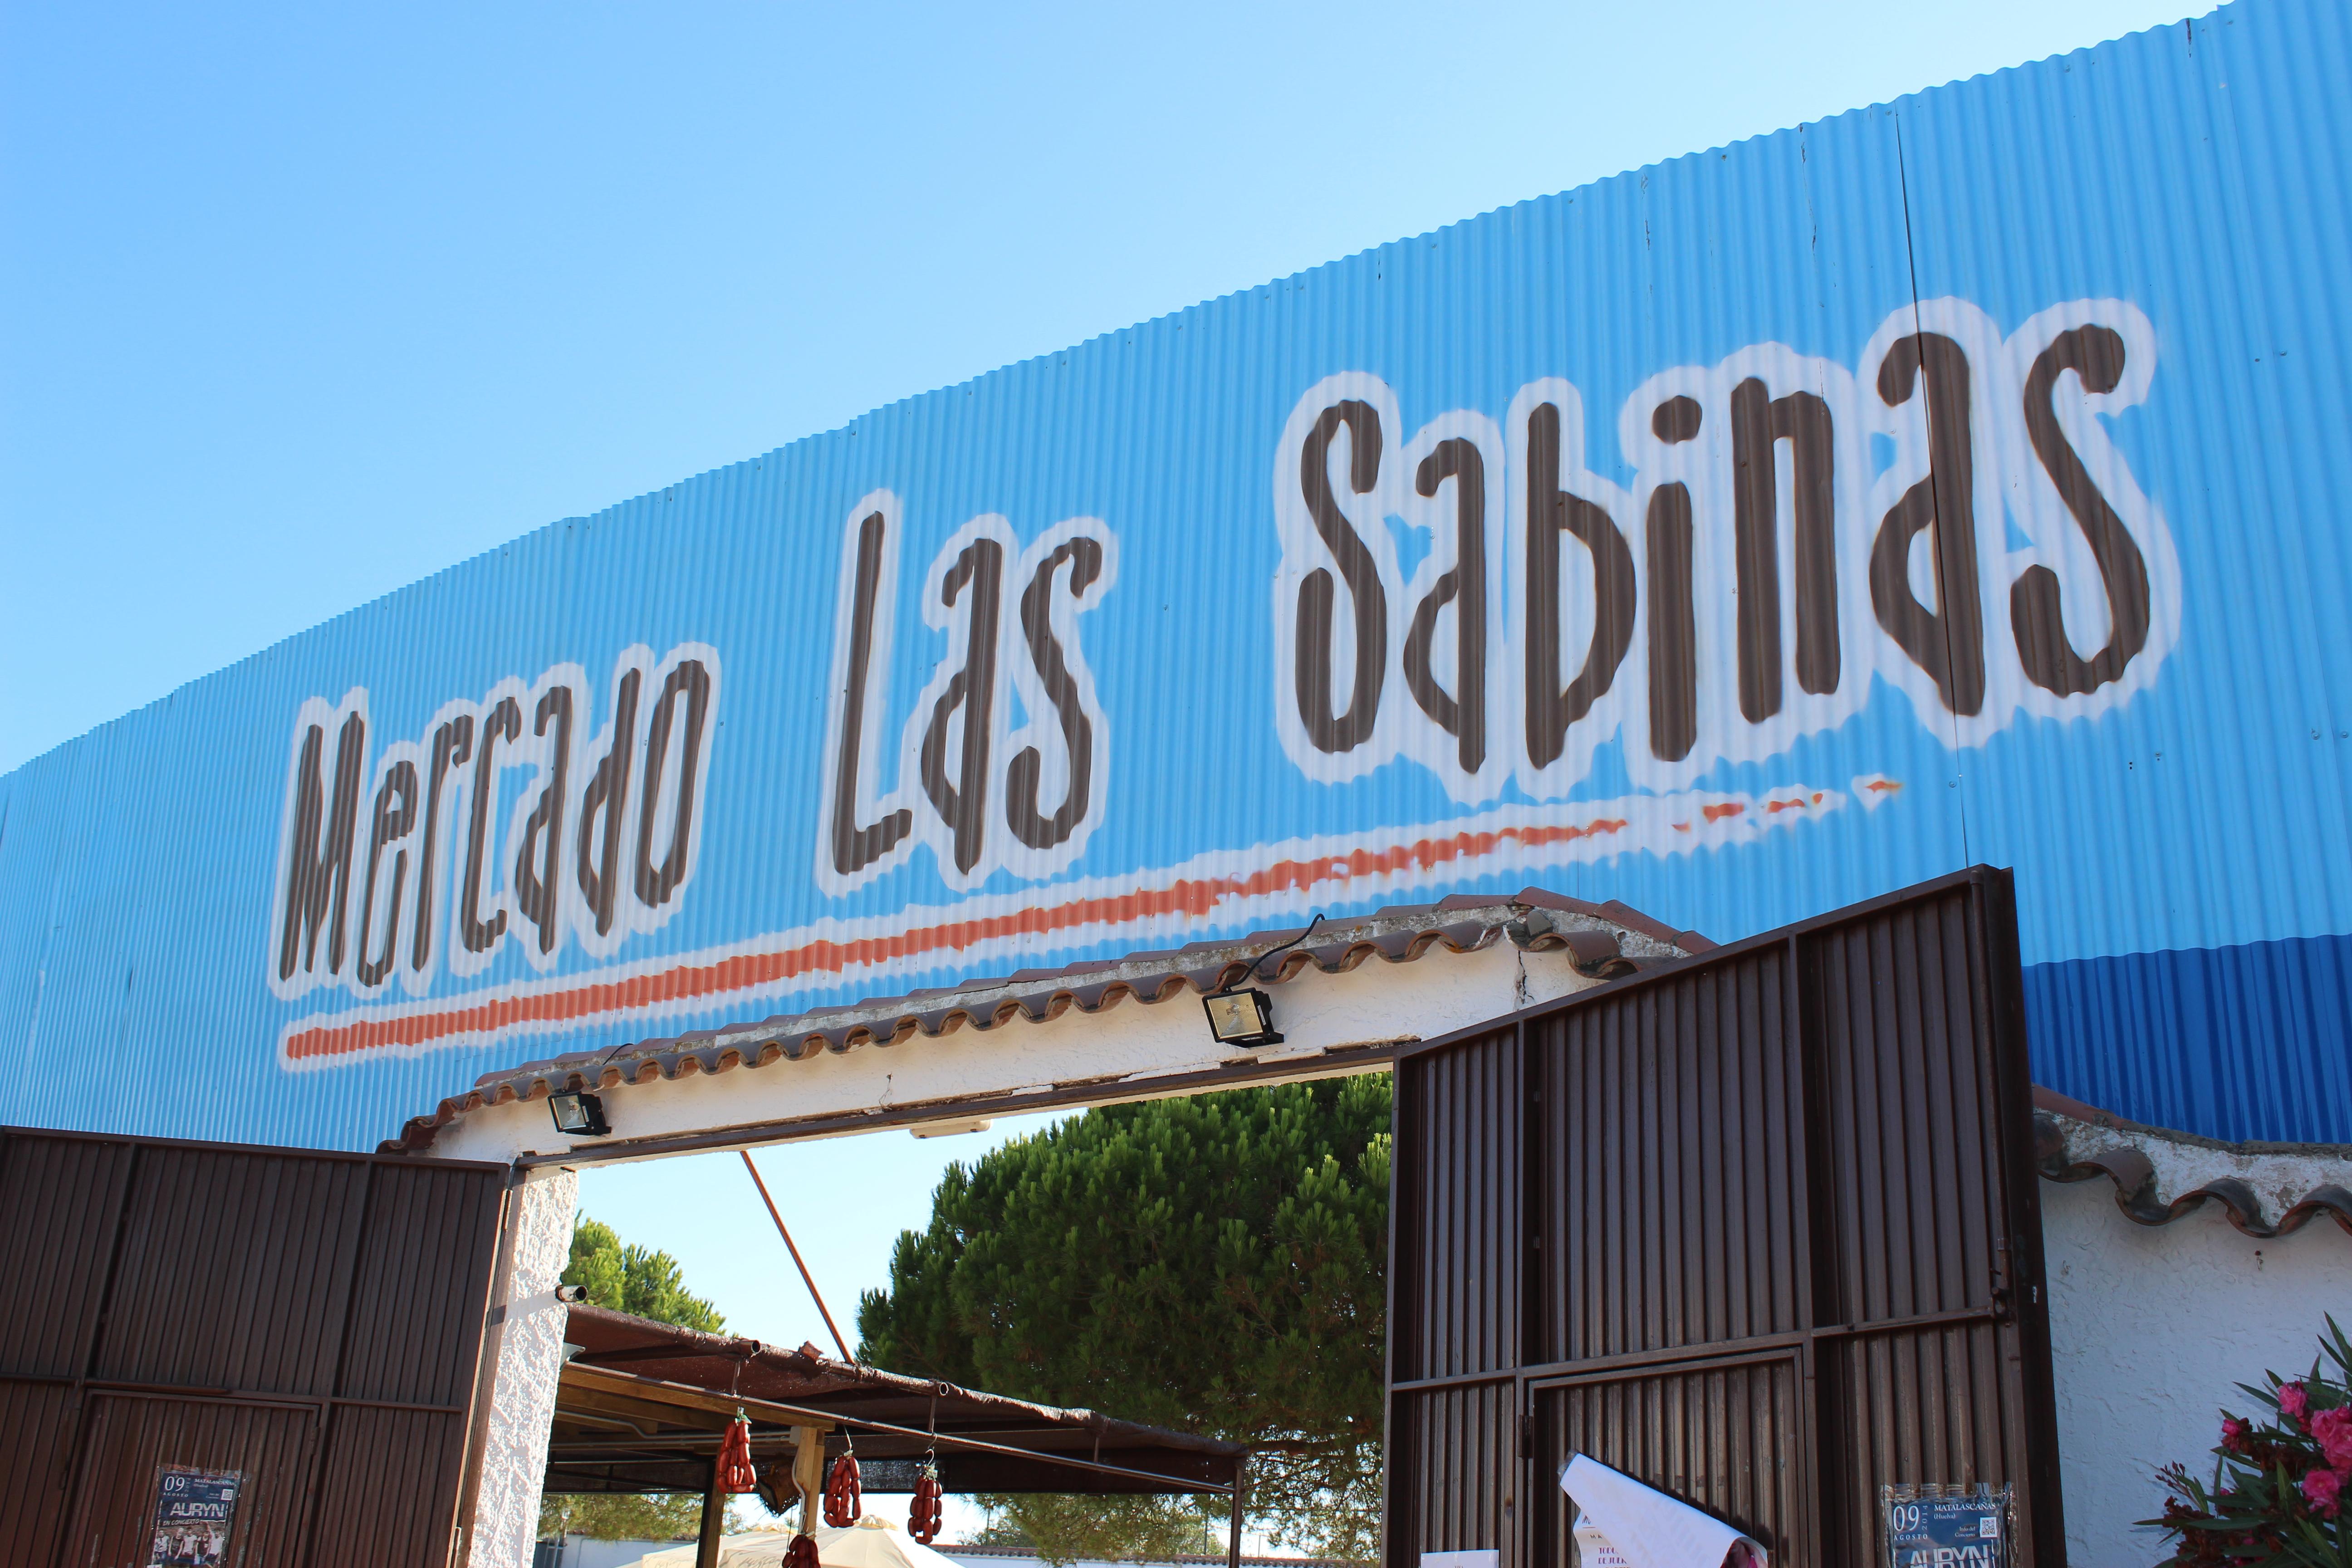 Mercado Las Sabinas / M. Bautista